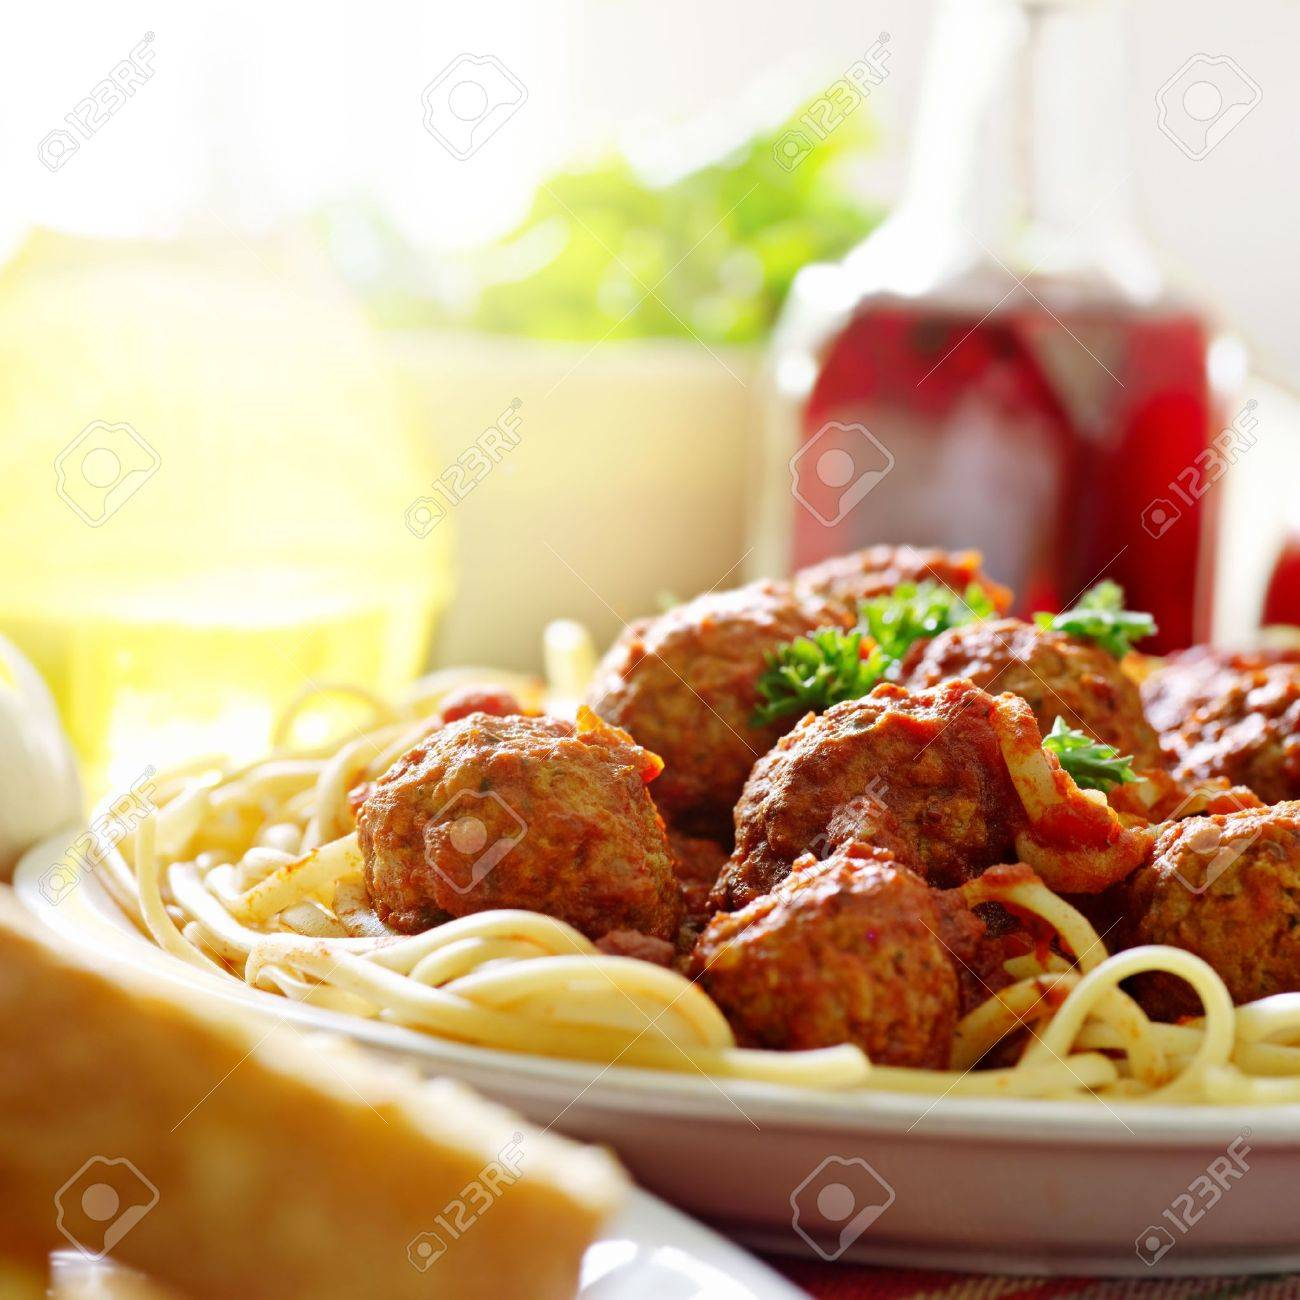 hearty spaghetti dinner - 7590387